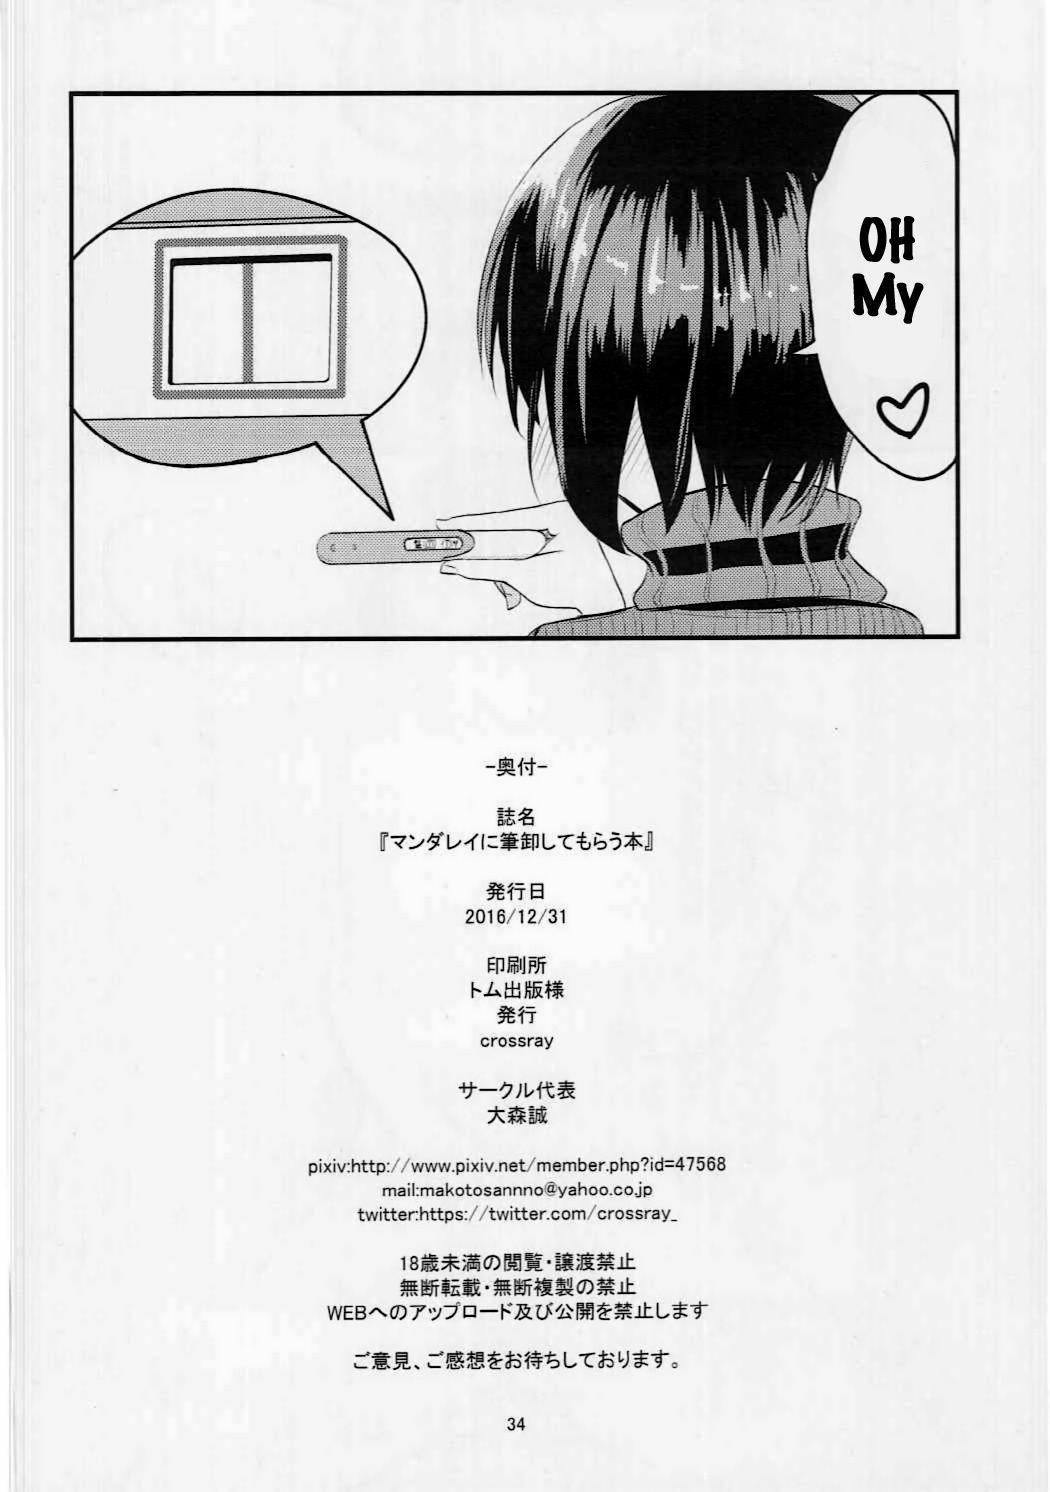 Mandalay ni fude oroshi shite morau hon hentai manga picture 33